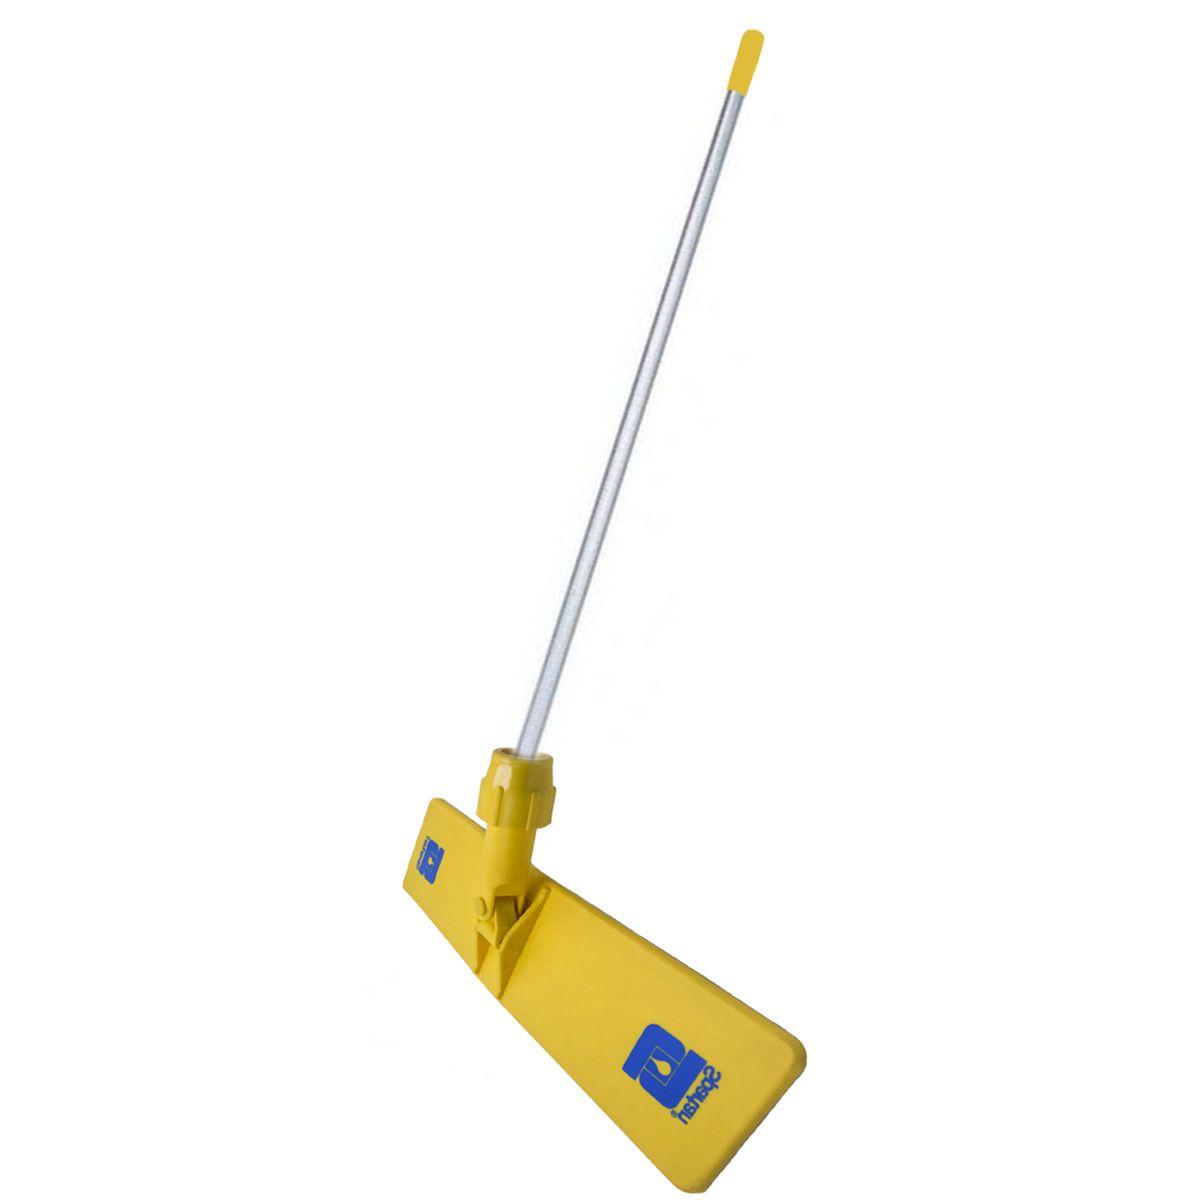 Kit Mop de Limpeza Amarelo Spartan